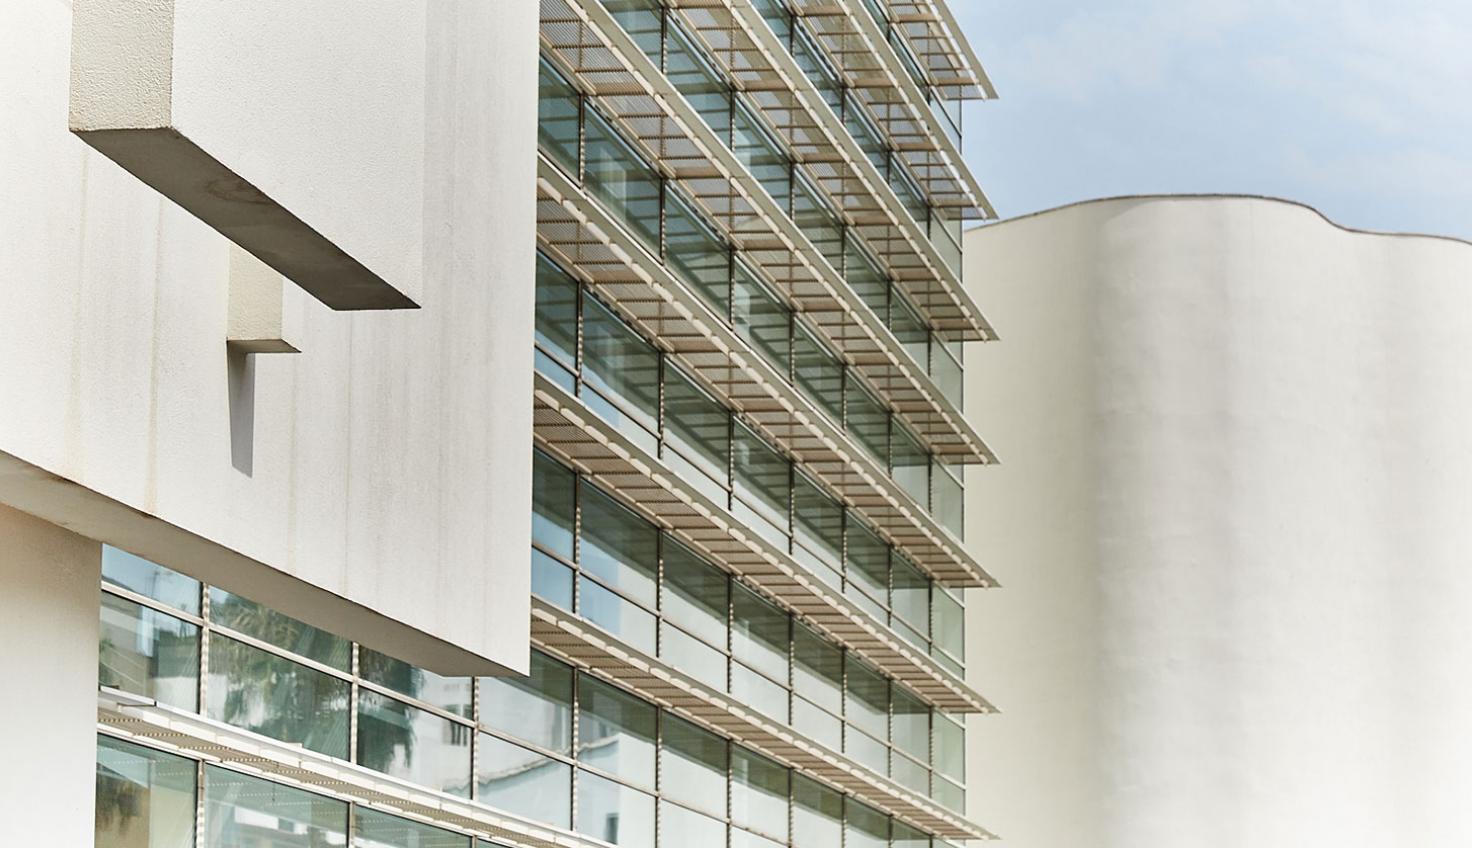 Photo Musée d'art contemporain de Barcelone